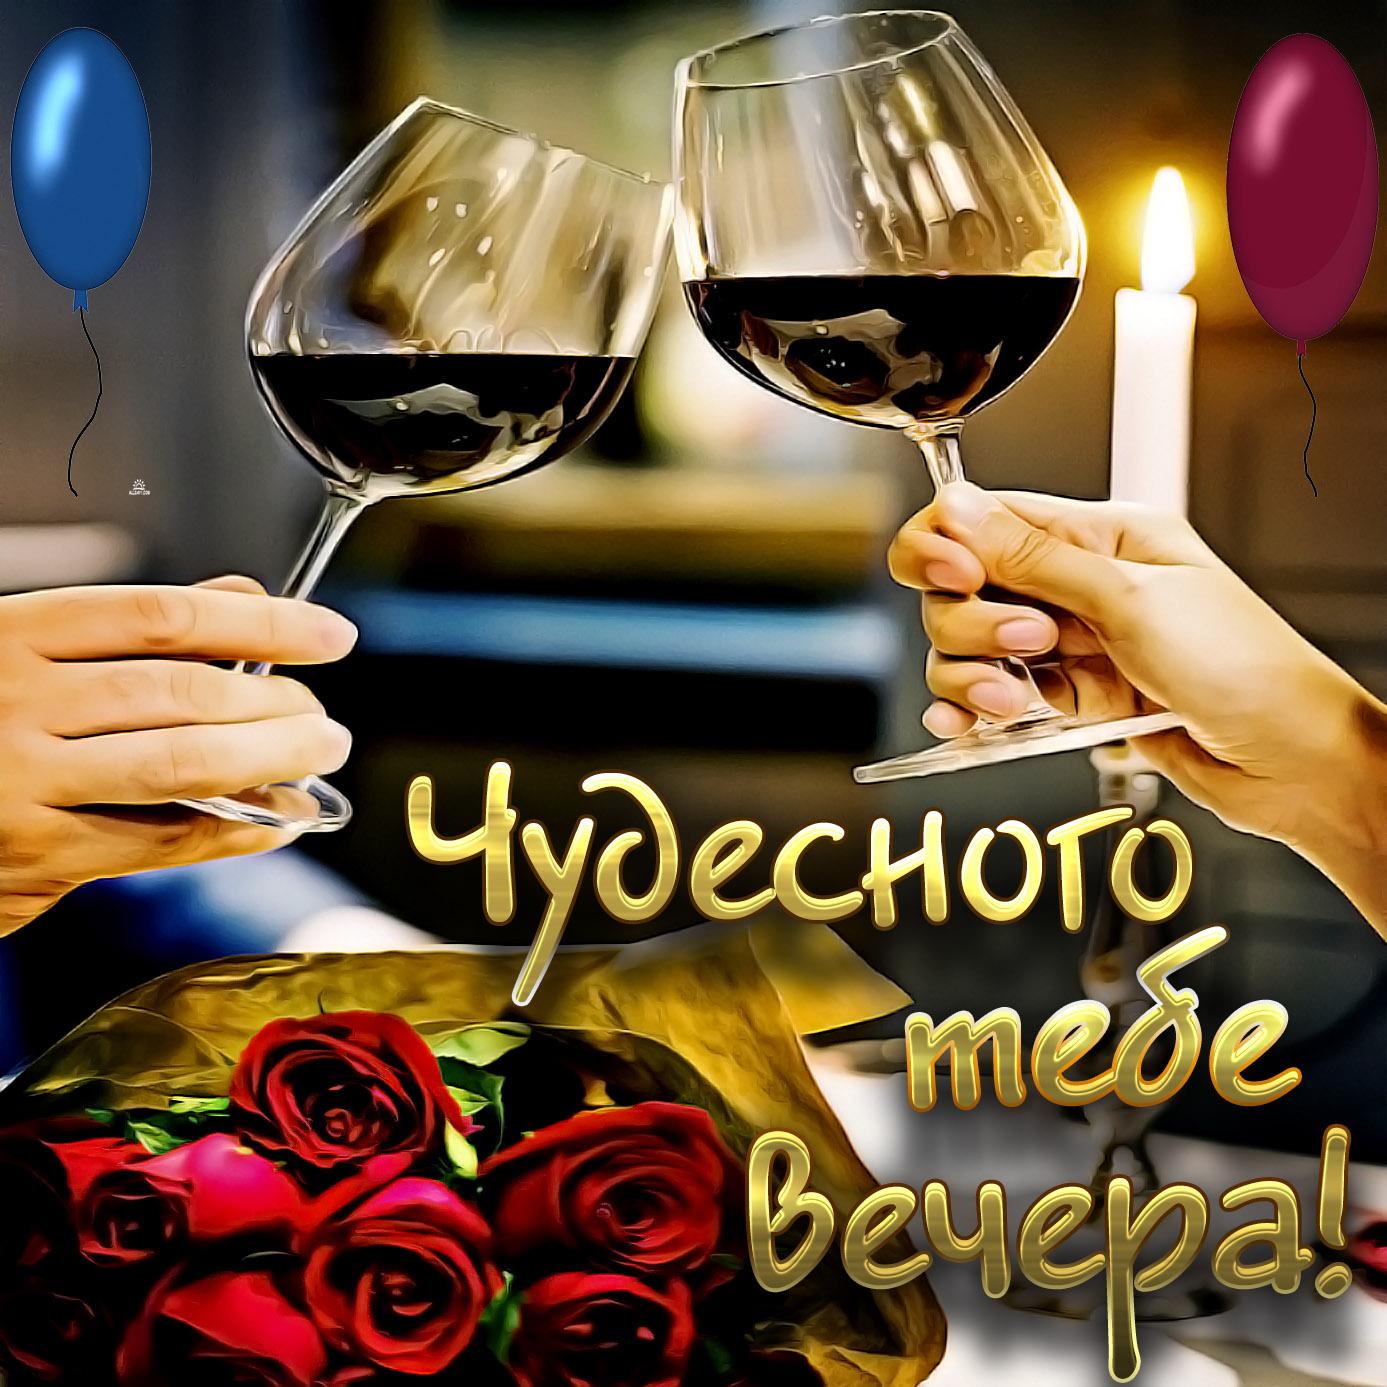 Открытка с бокалами для чудесного вечера